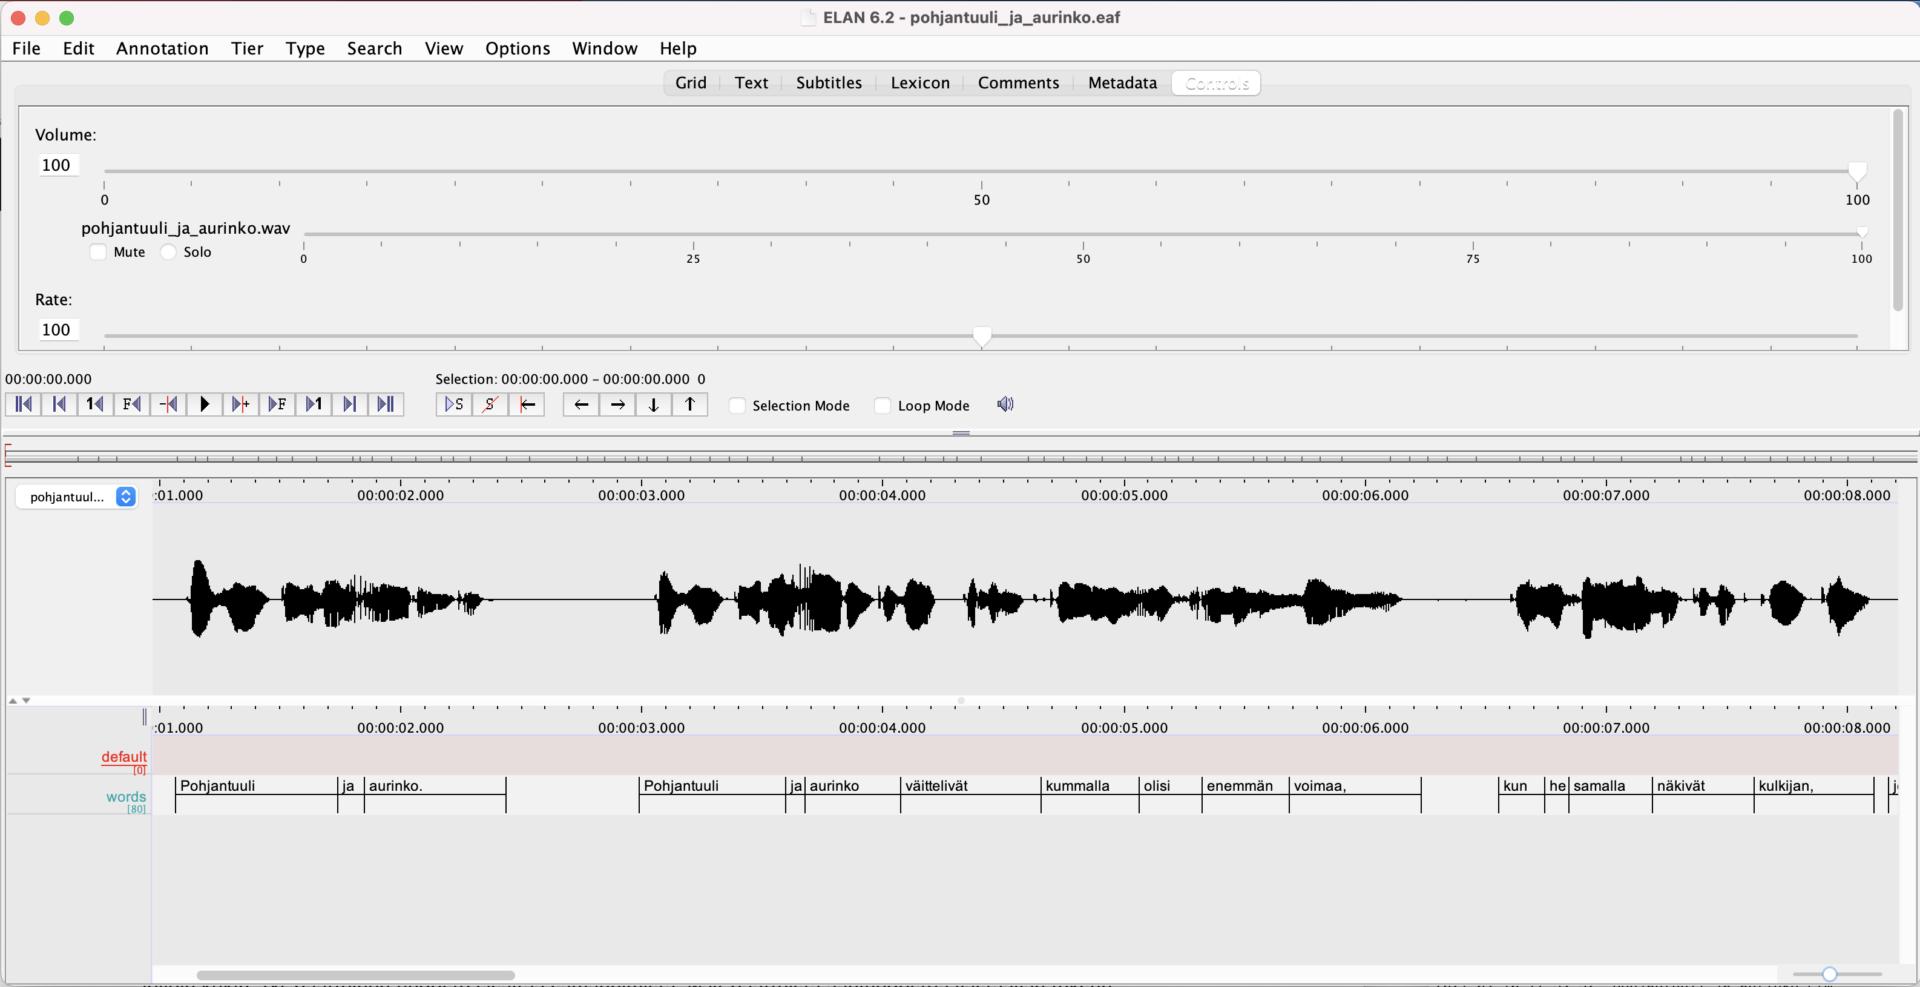 Kuvakaappaus ELAN-ohjelmalla avatusta tiedostosta, jossa Pohjantuuli ja aurinko-tarinan saneet on kohdistettu äänitiedoston vastaaviin kohtiin.